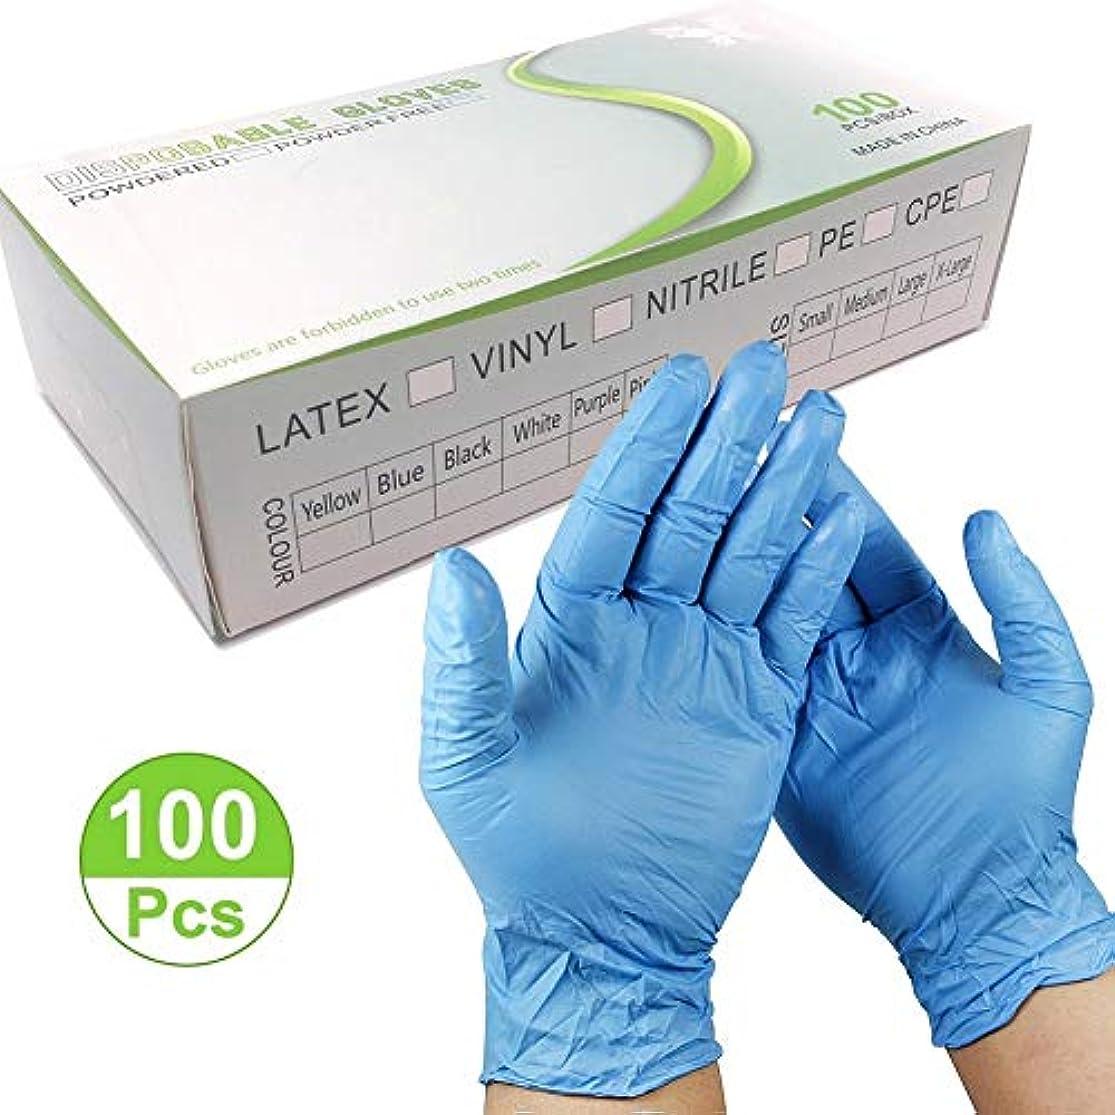 休日にブリッジ責める子供用 ニトリル手袋 使い捨て手袋 子供用 皮膚アレルギーや刺激を防ぎます クラフト、塗装、ガーデニング、料理、クリーニング (100枚、ブルー)